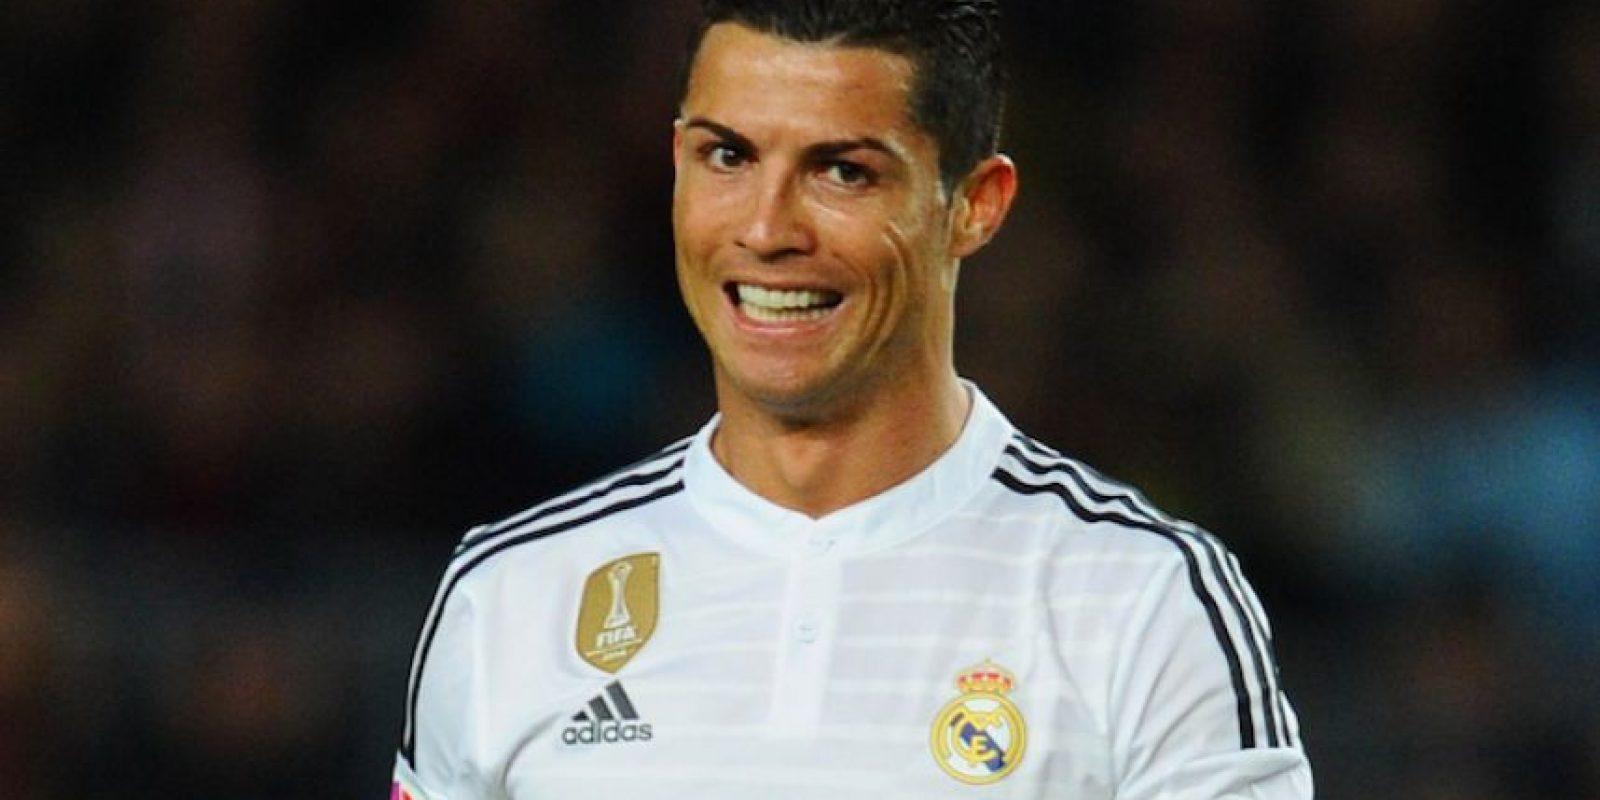 En el Clásico del pasado domingo, Cristiano Ronaldo volvió a causar polémica con su celebración de gol. Foto:Getty Images